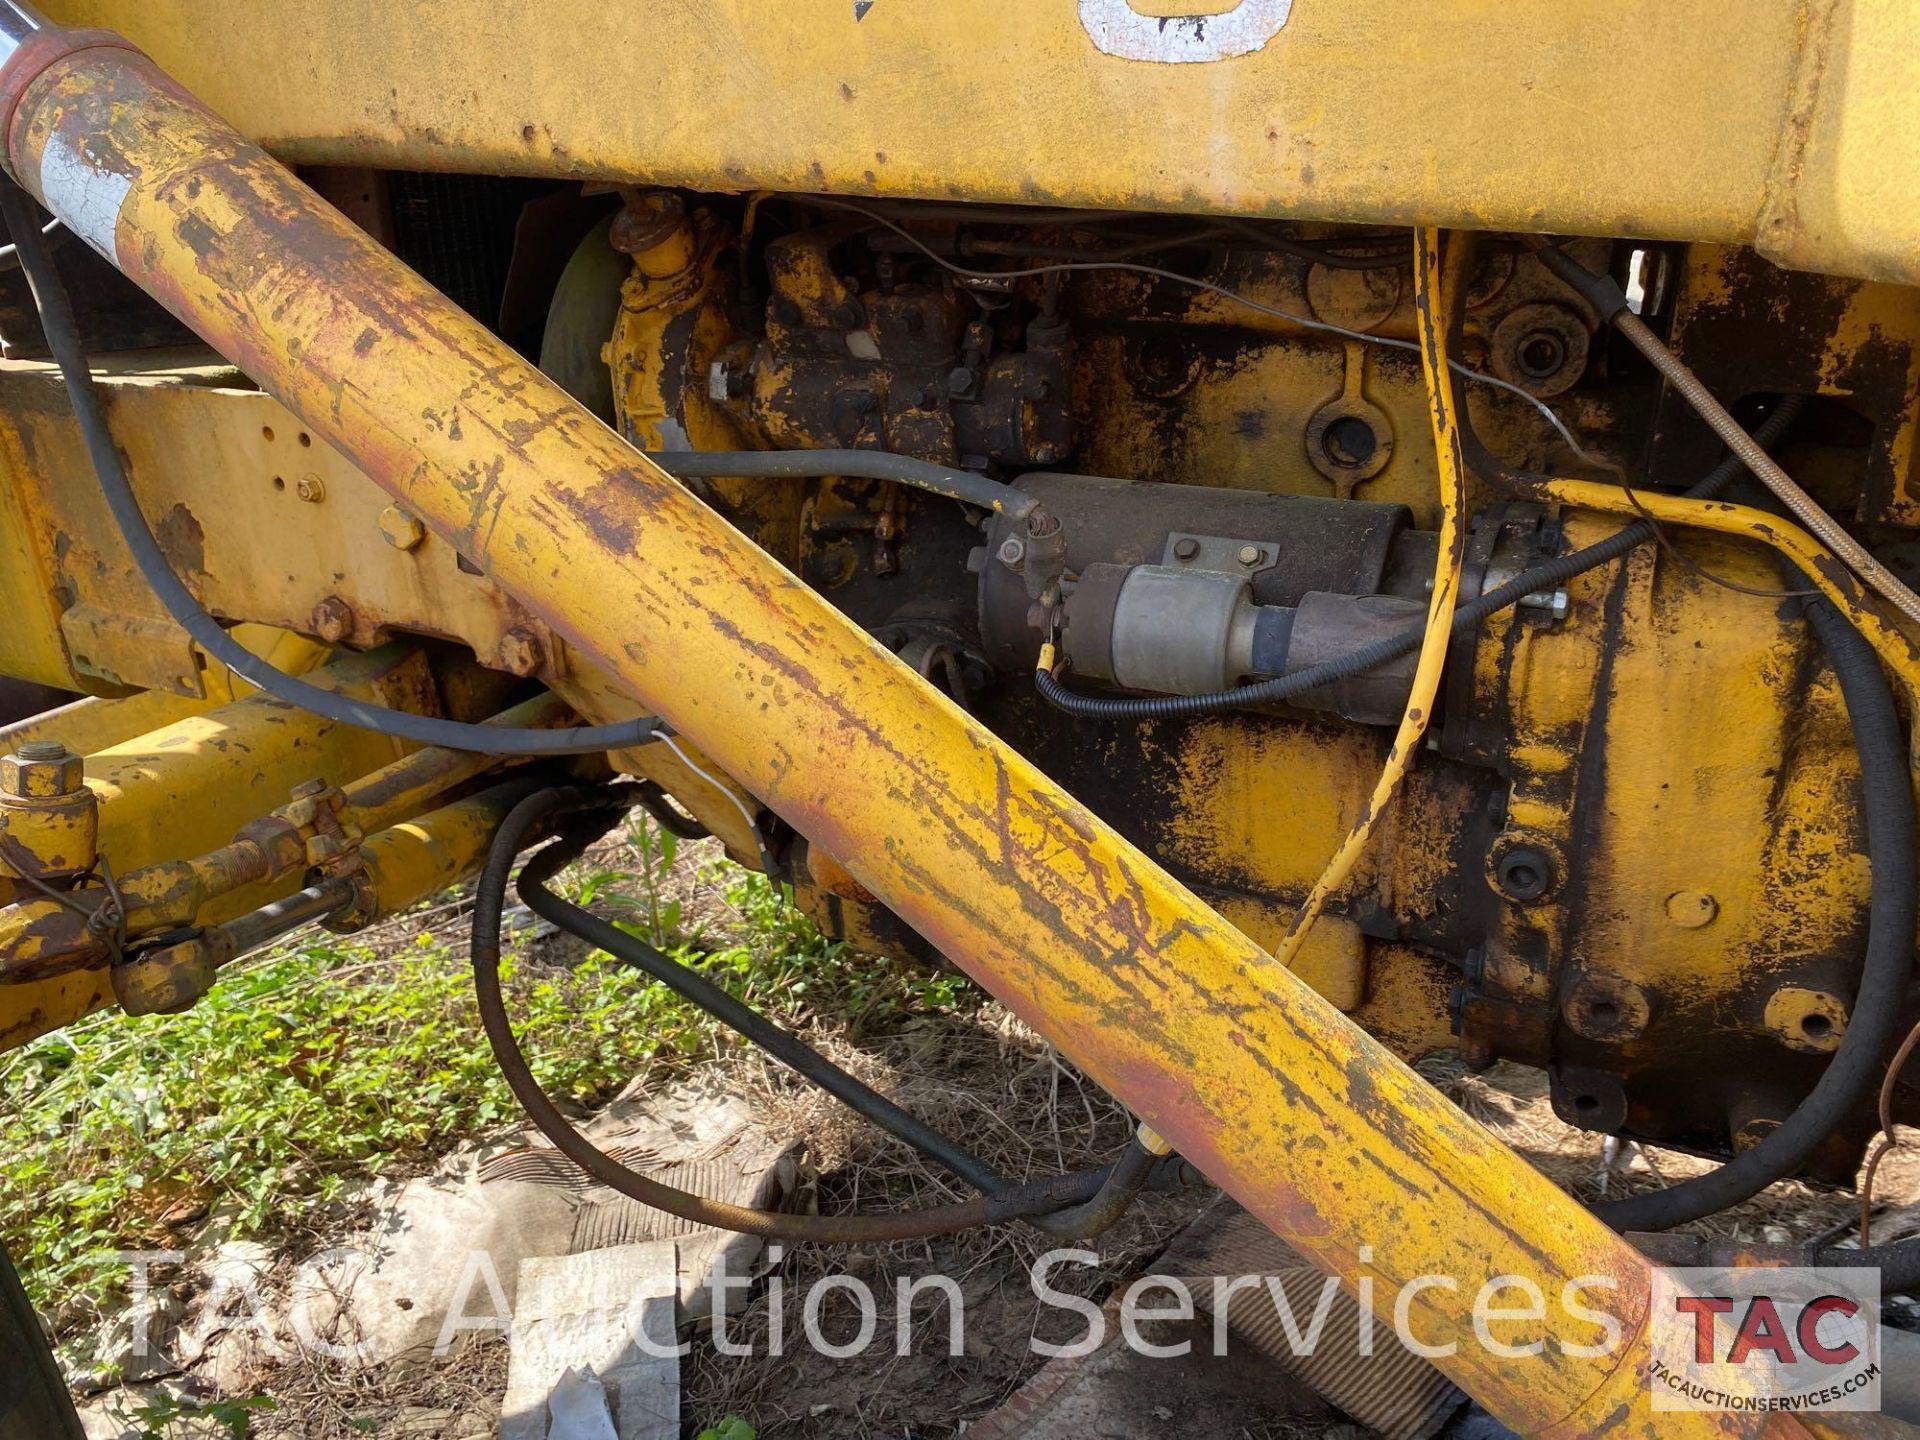 Massey Ferguson 50C Loader Backhoe - Image 28 of 45